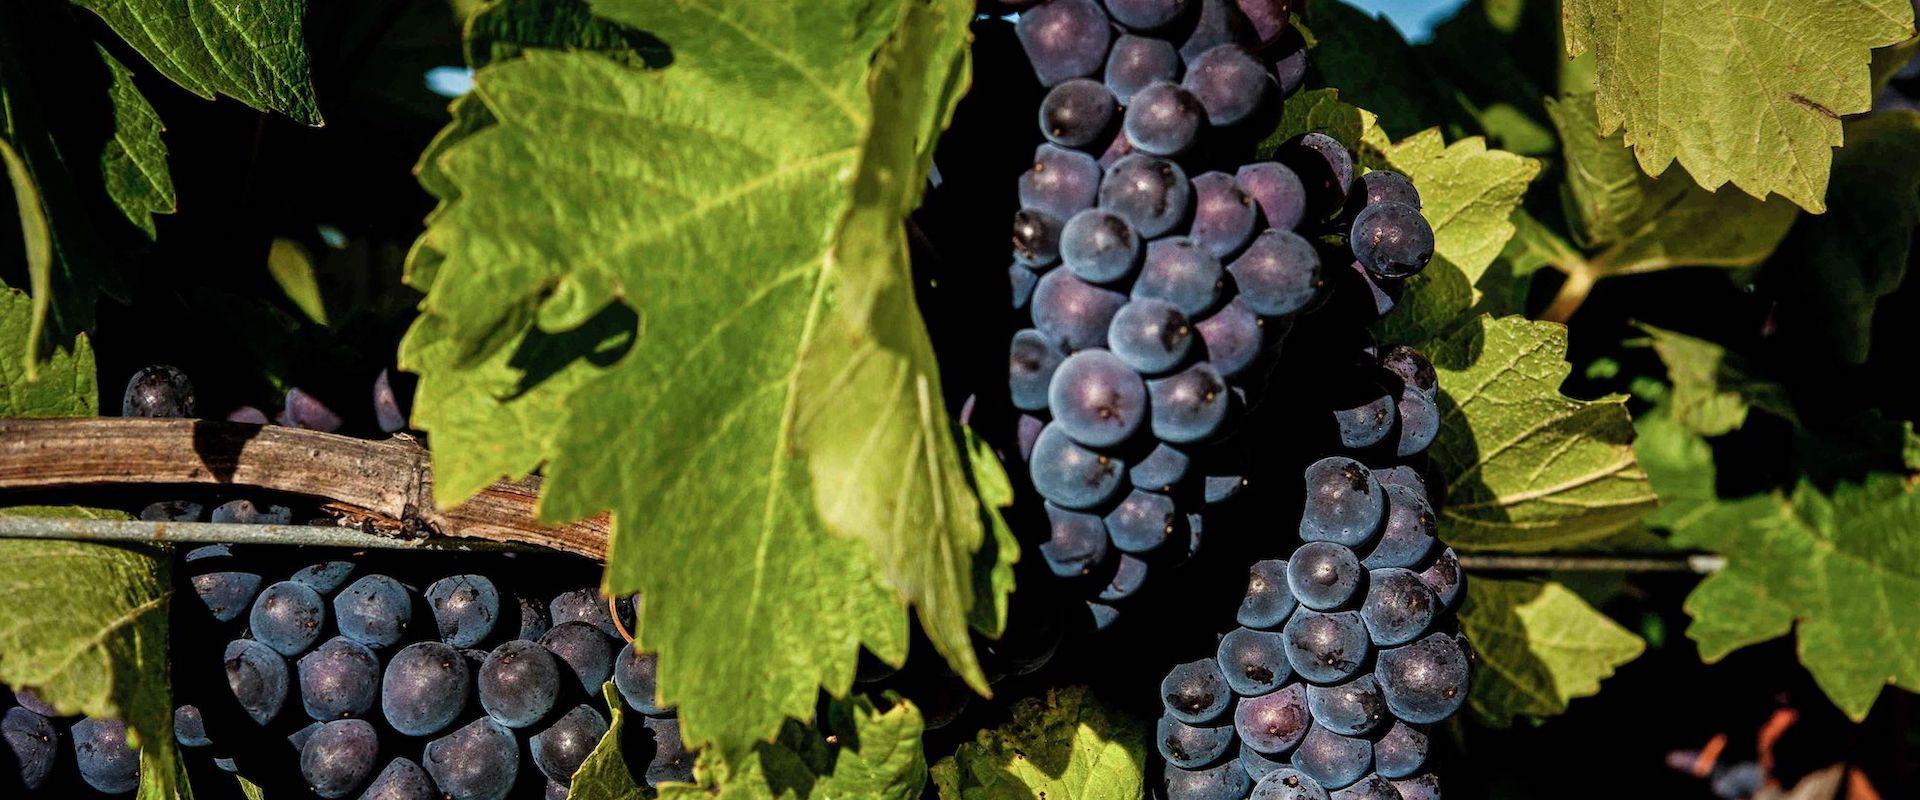 pinot-grapes